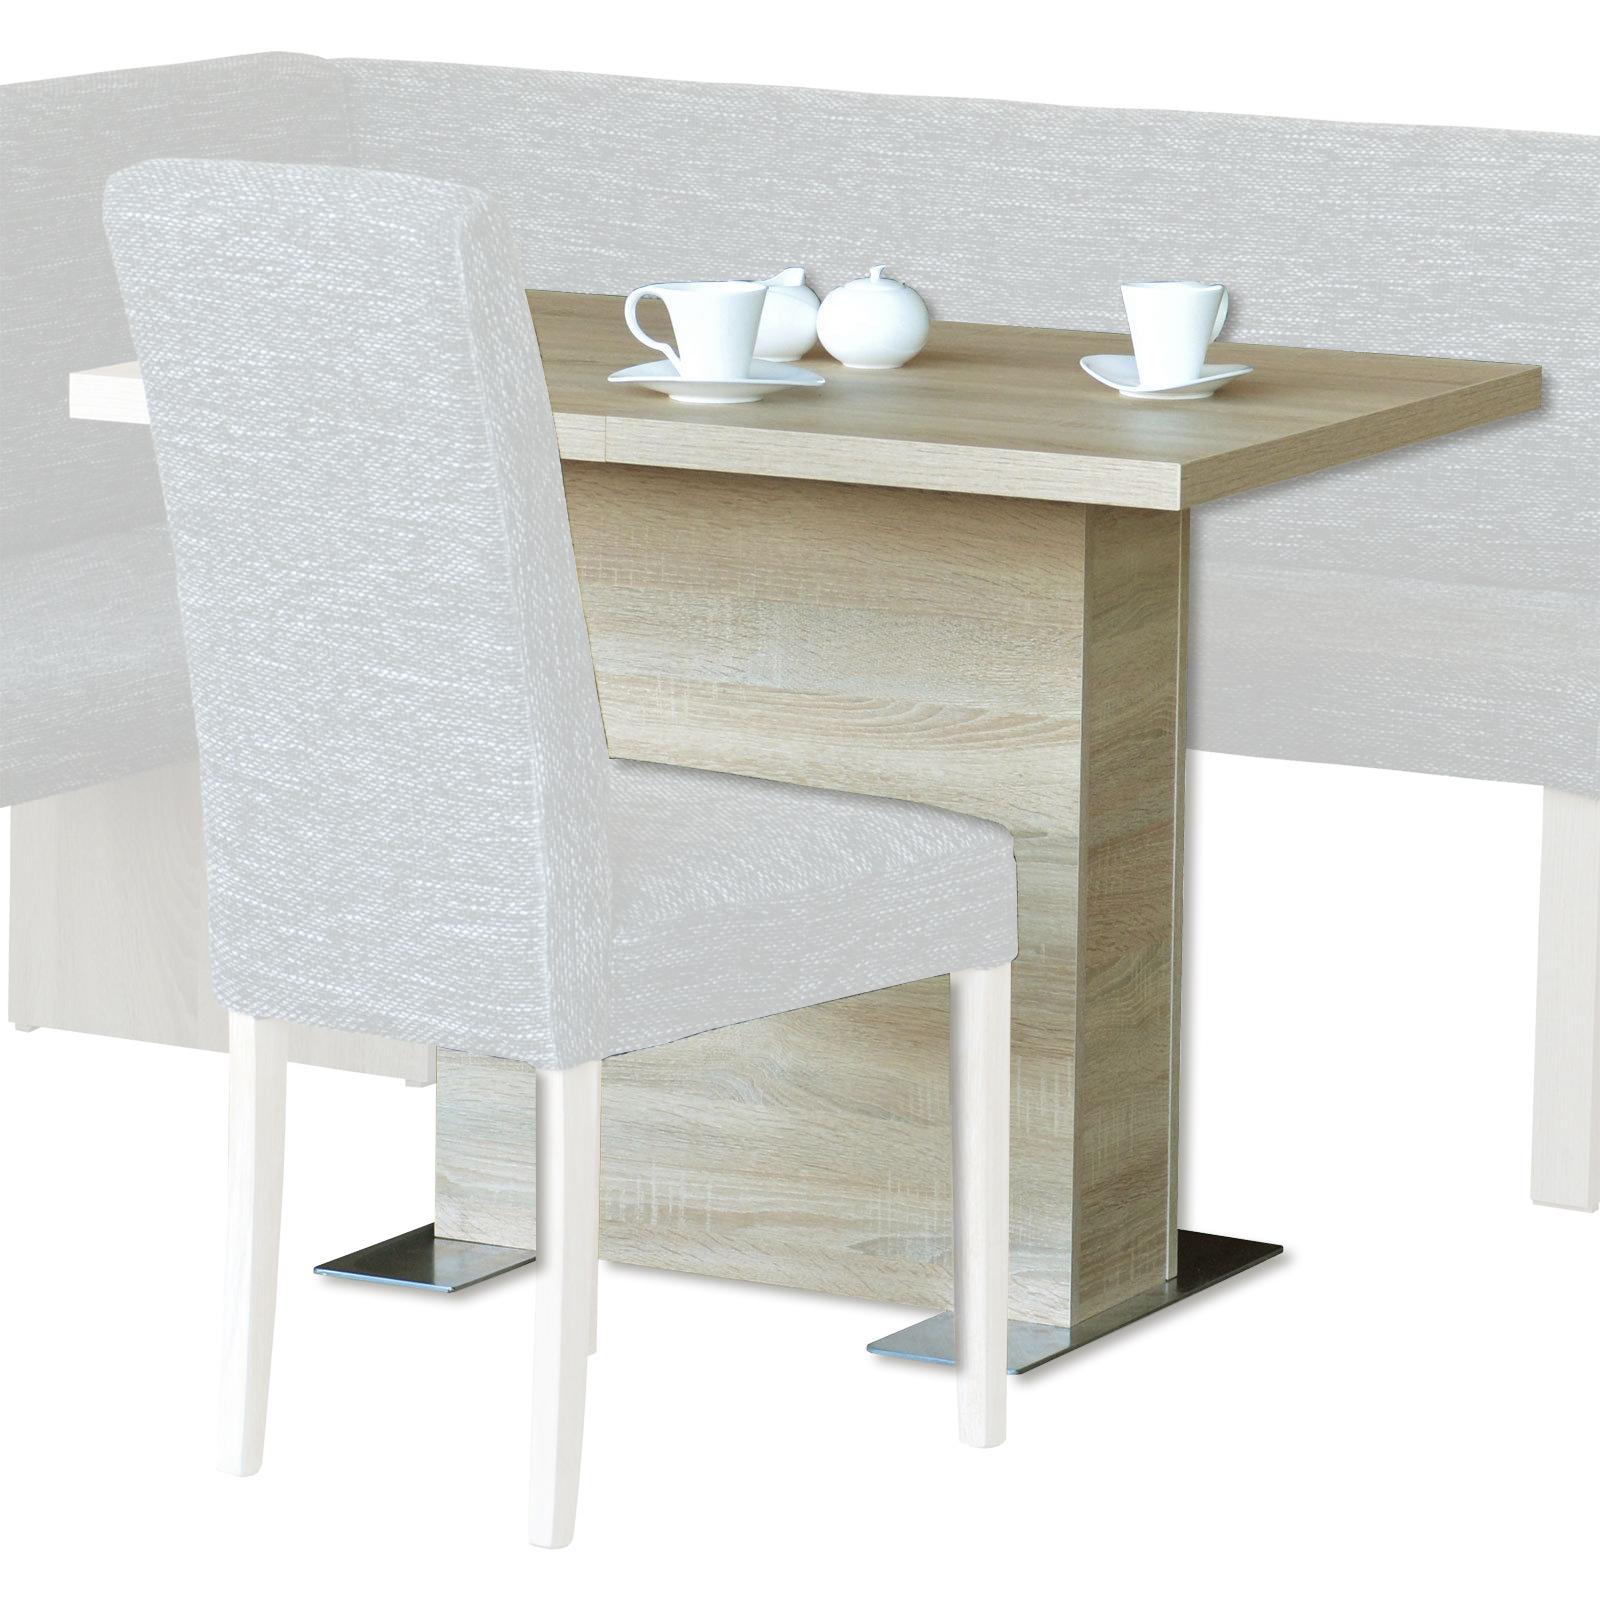 Tisch Sonoma Eiche Ausziehbar 76 Cm Hoch Online Bei Roller Kaufen